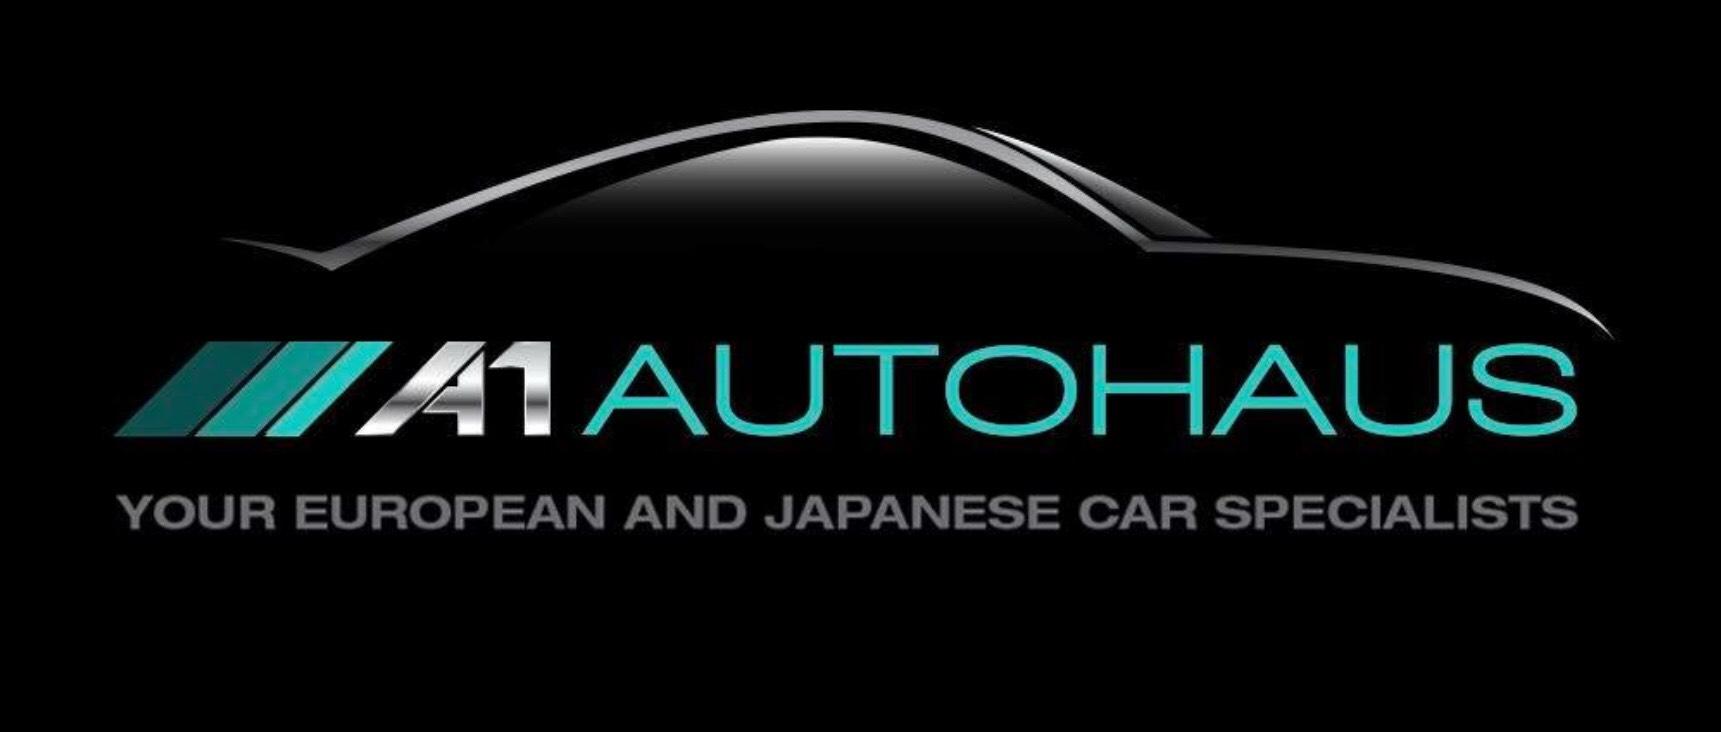 A1 Autohaus